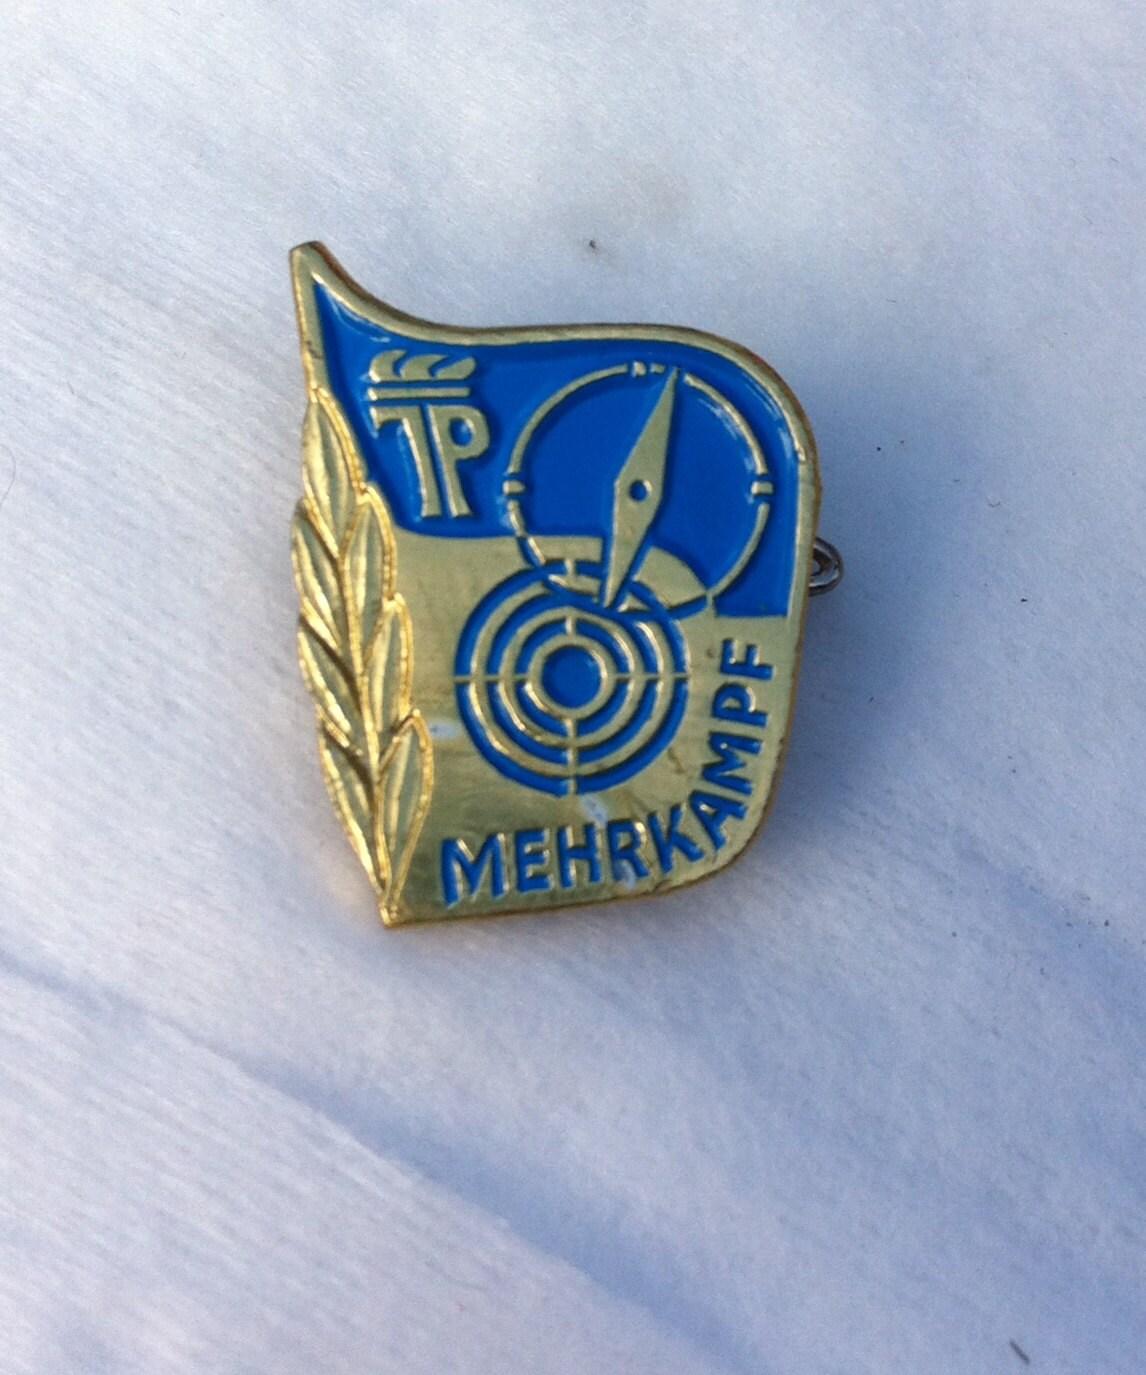 Vintage brooch pin badge blue enamel mehrkampf German antique retro unisex